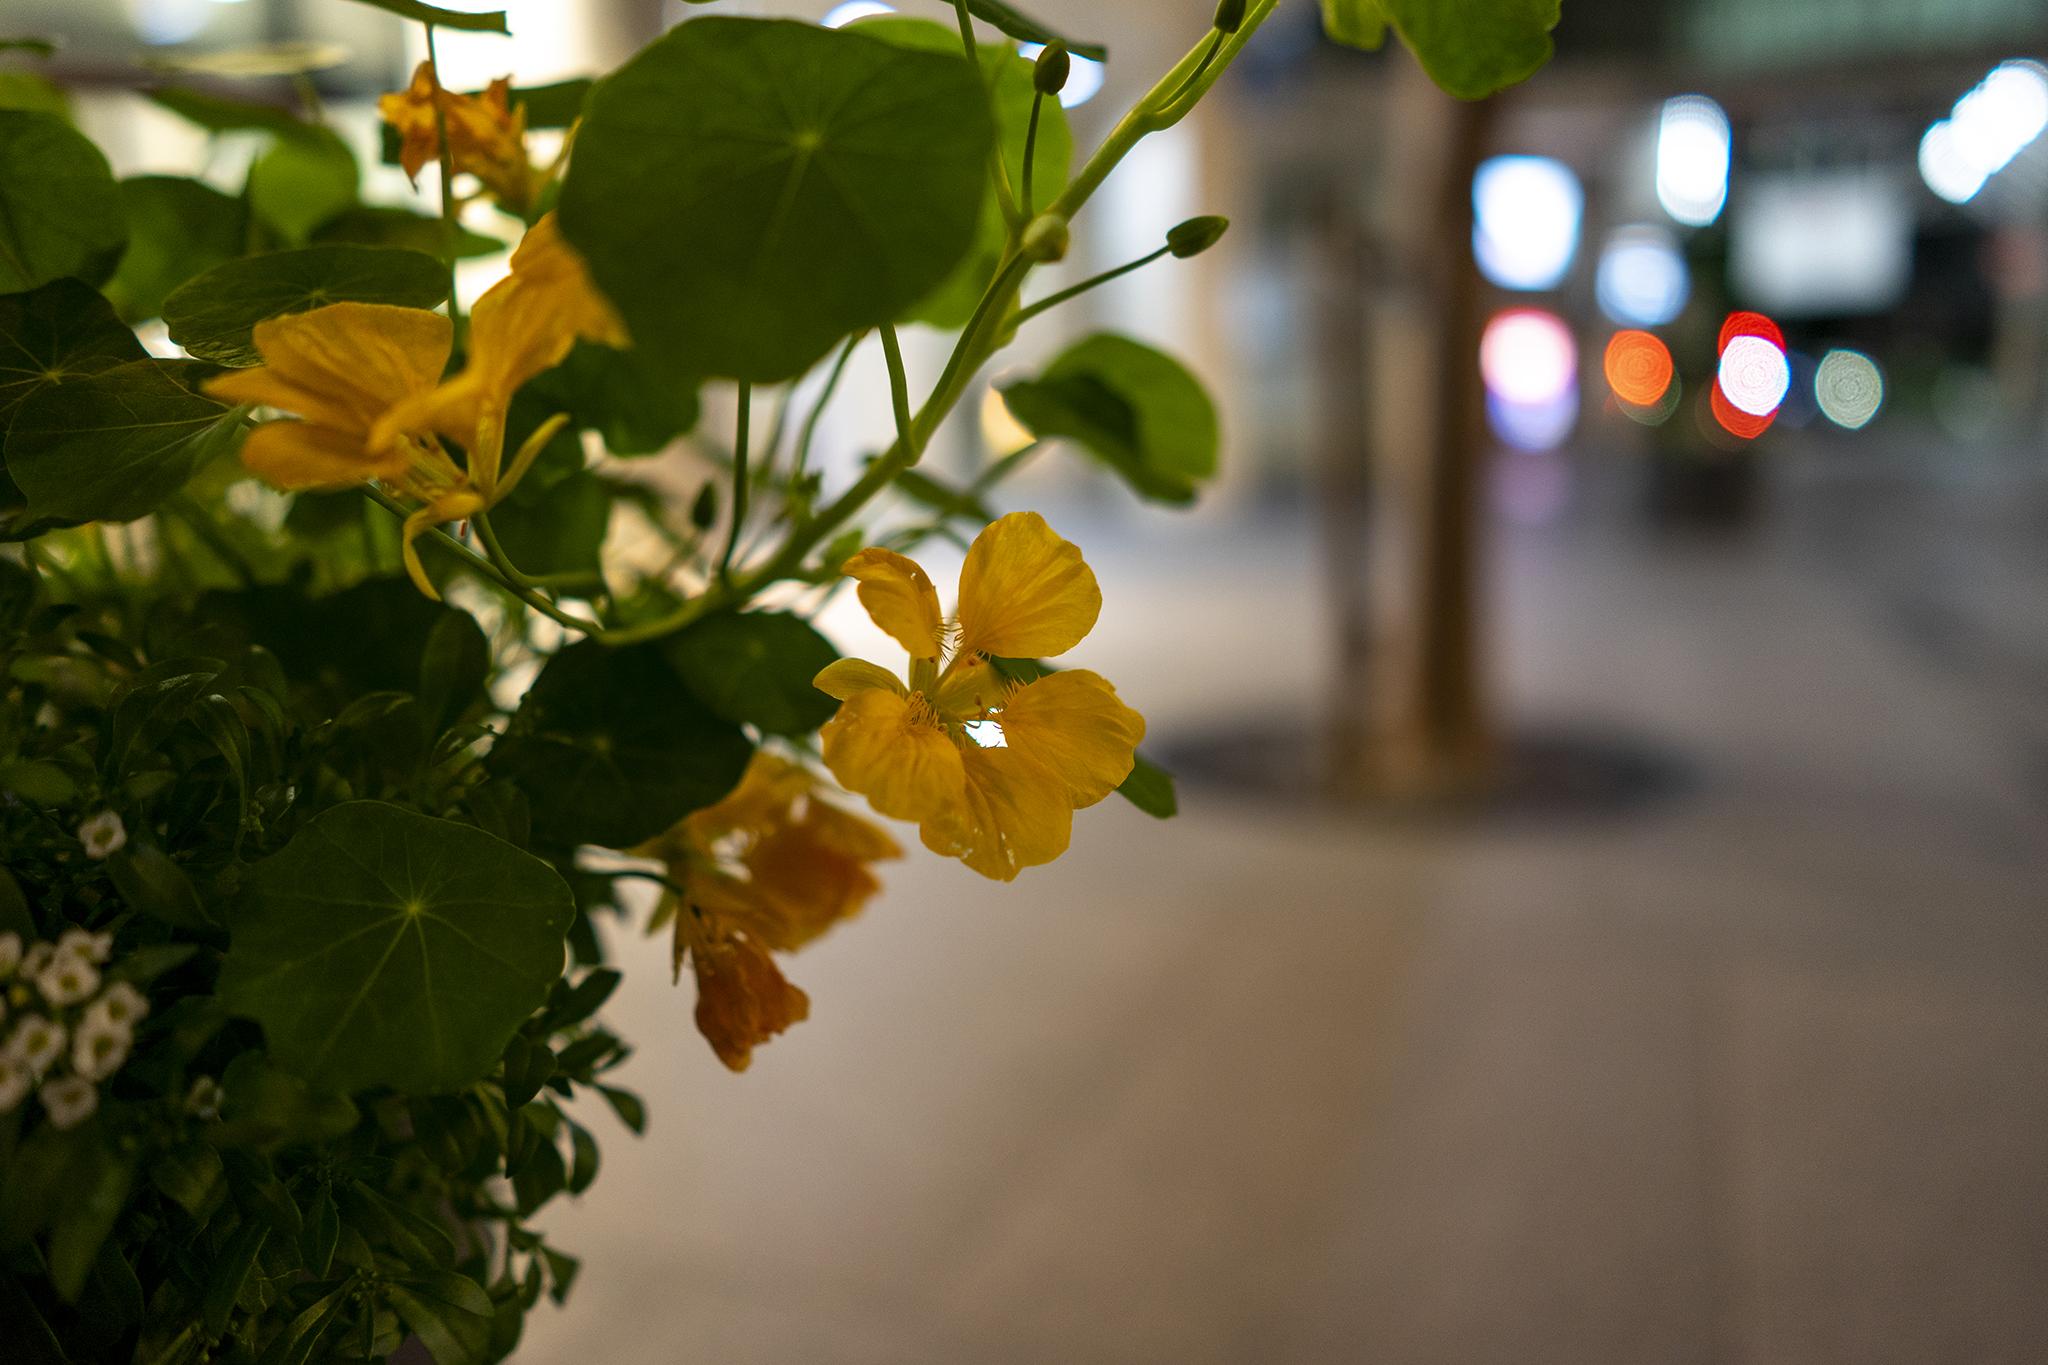 夜に咲くキンレンカ(ナスタチウム)